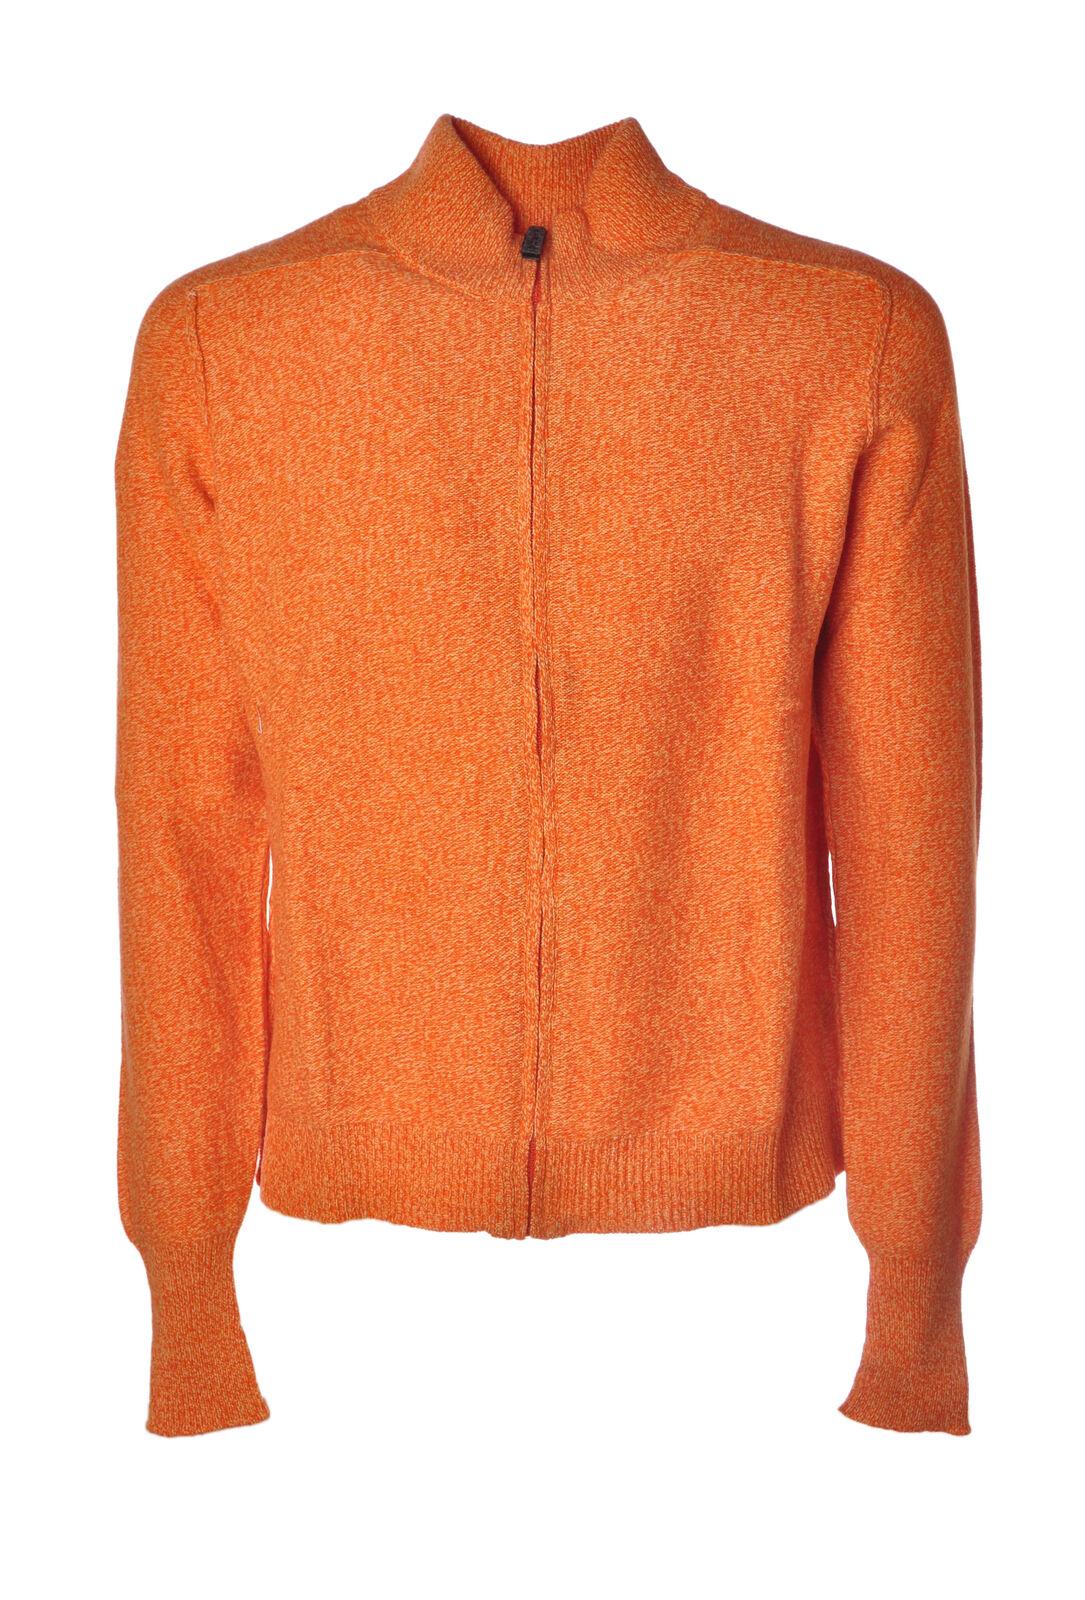 Alpha  -  Suéteres - Hombre - Orange - 4560923A184006